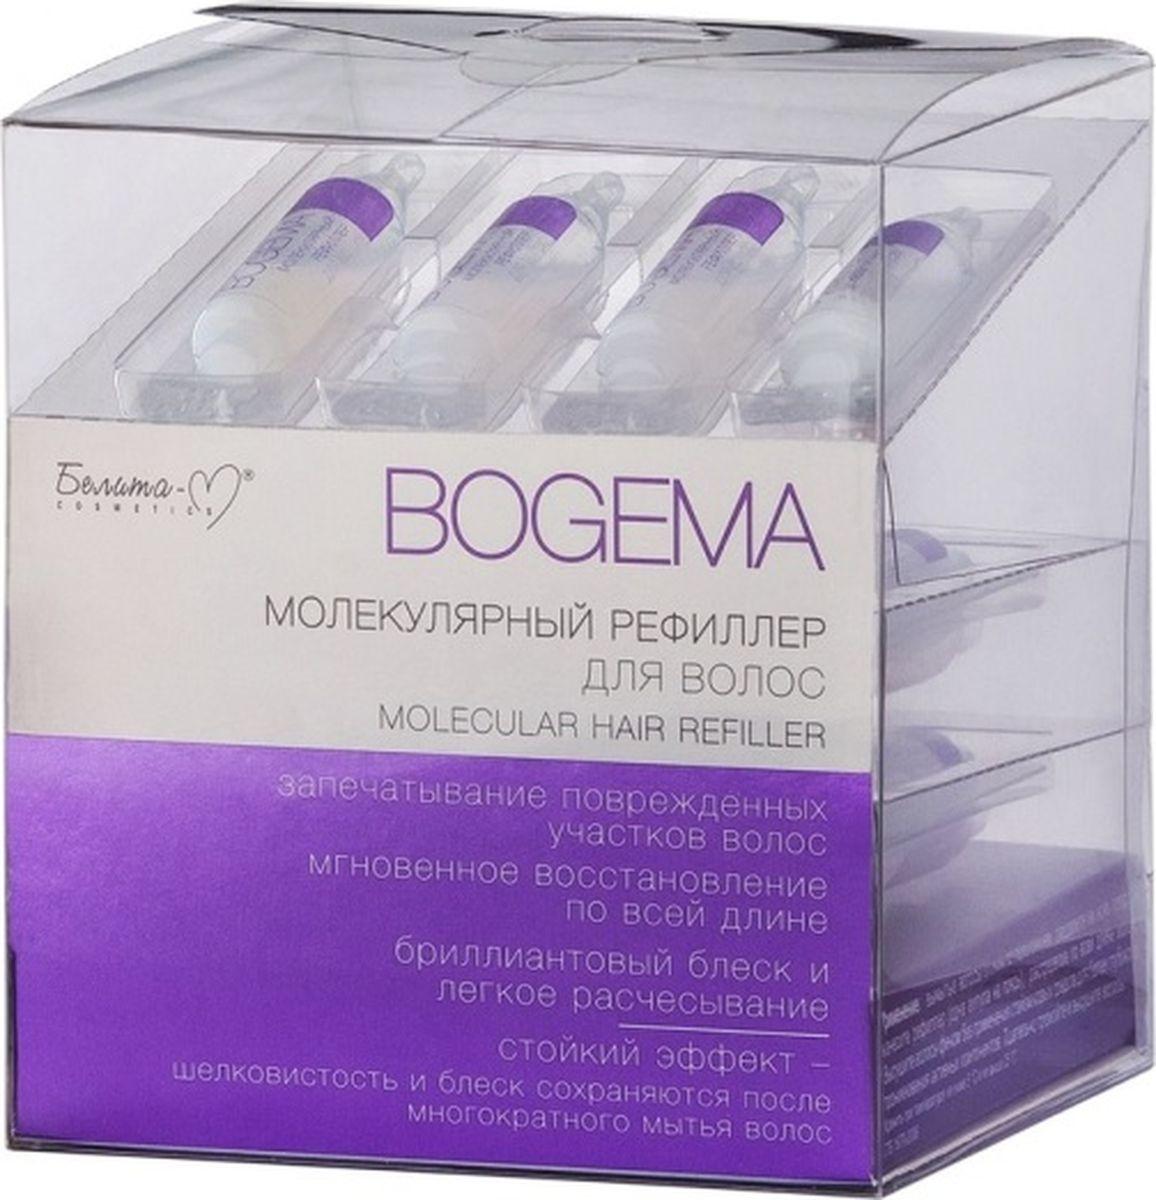 Белита-М Молекулярный рефиллер для волос серии Bogema, 12 шт по 3 млBM-324Серия: BOGEMAИнновационный продукт предназначен для интенсивного восстановления волос с помощью активных компонентов, действующих на молекулярном уровне. Он проникает в самое сердце каждого волоса и восстанавливает повреждения изнутри.Активные компоненты:Гидролизованный кератин Kemicher (Италия)Aquaxyl (Франция) - комплекс моносахаридов, гидро-регулятор природного происхожденияДействие:Восстанавливает поврежденную структуру волосаОбеспечивает длительное увлажнениеПрепятствует сечению кончиковПридает волосам шелковистость и блескОблегчает расчесываниеВозраст: 16 +